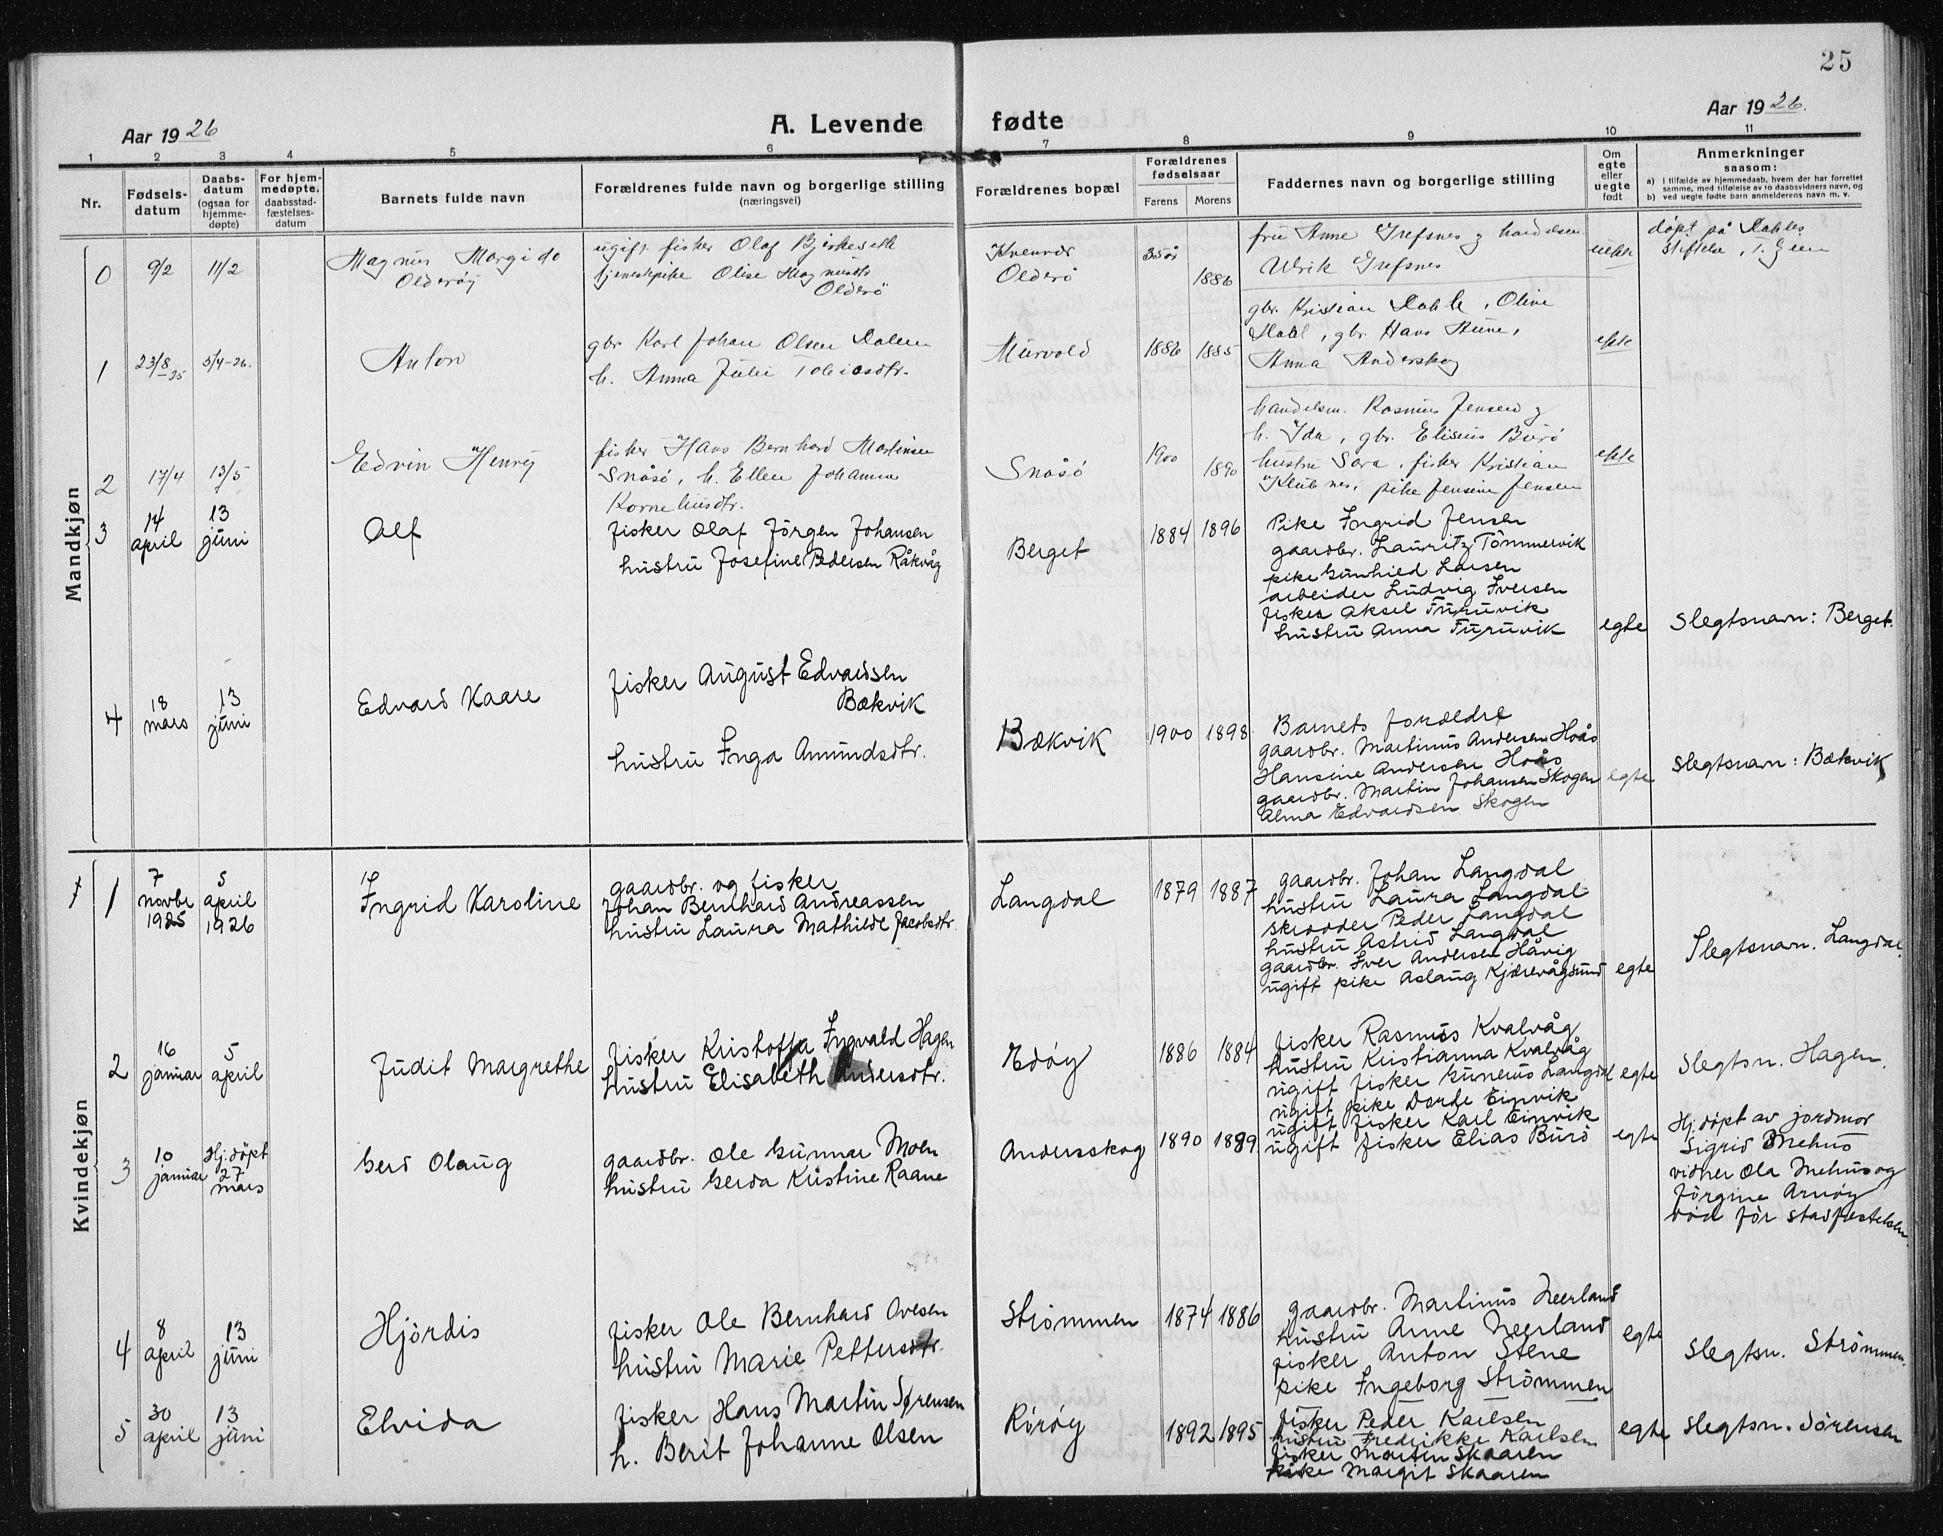 SAT, Ministerialprotokoller, klokkerbøker og fødselsregistre - Sør-Trøndelag, 635/L0554: Klokkerbok nr. 635C02, 1919-1942, s. 25